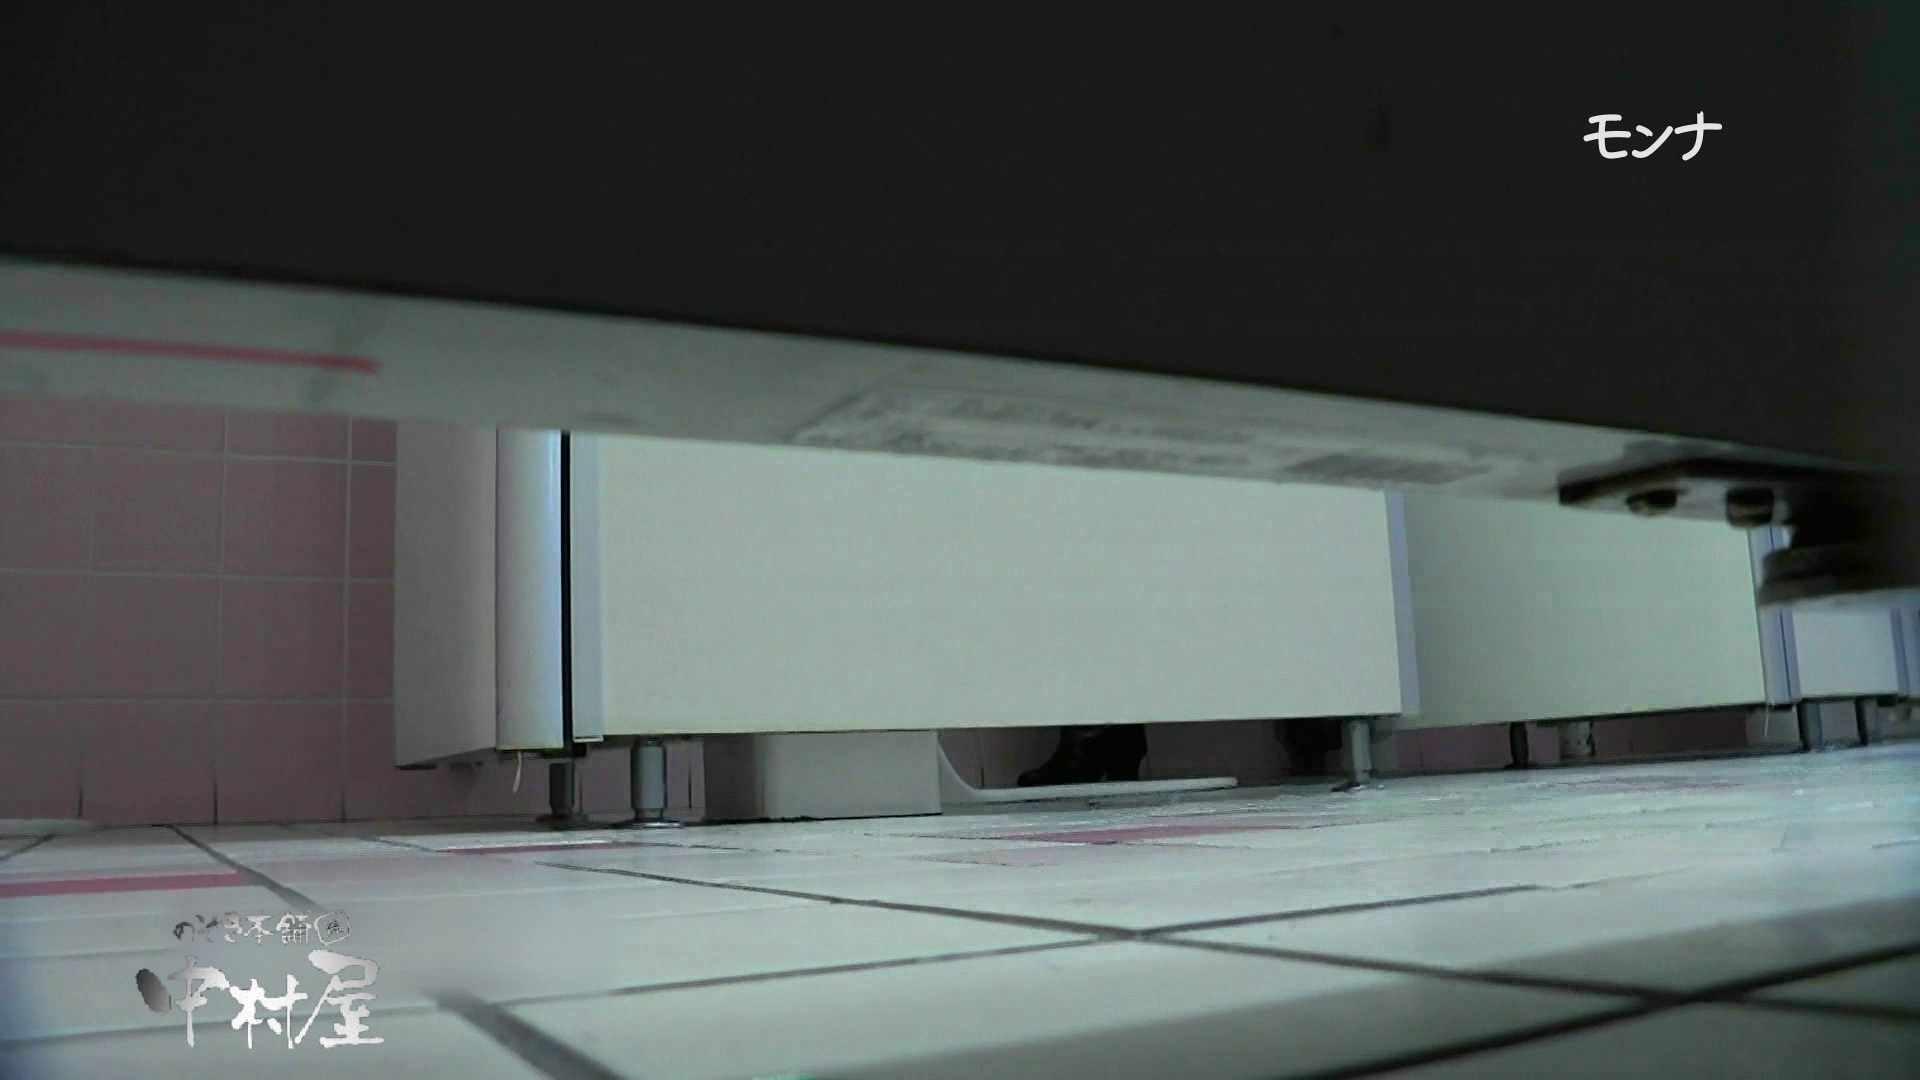 【美しい日本の未来】遂に!!戸田恵梨香似の予告モデル登場ダッシュで「大」後編 モデルのカラダ  12pic 10